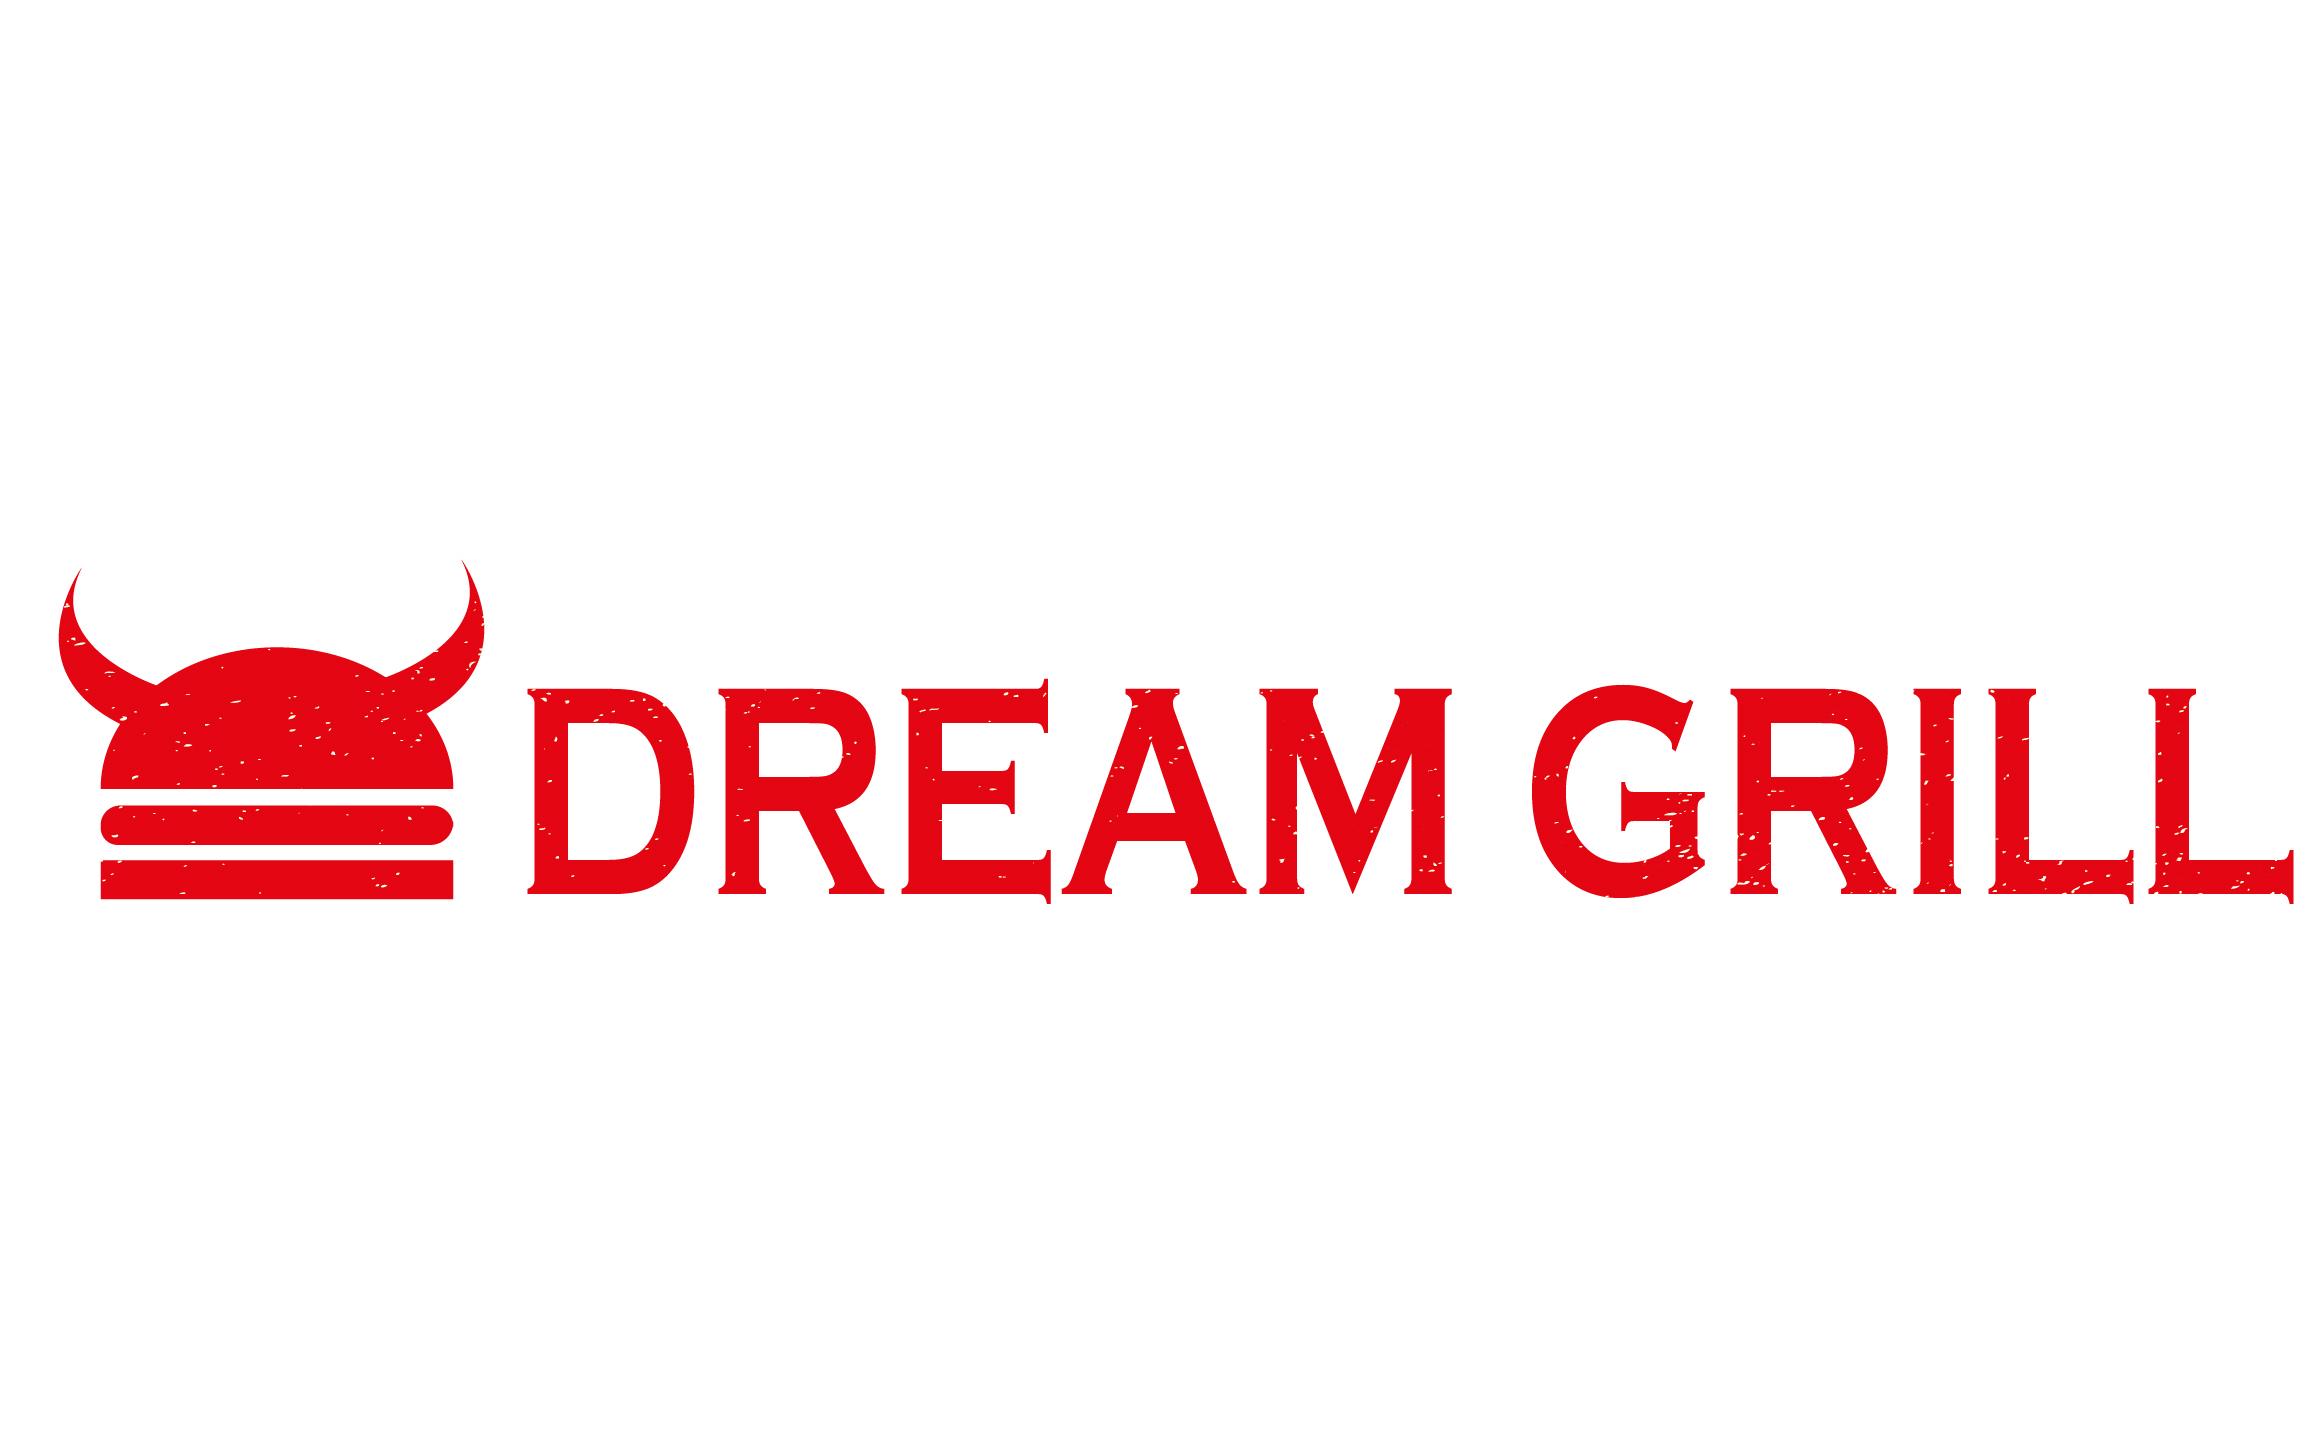 Разработка логотипа для фастфуда фото f_3895552322b3e228.jpg